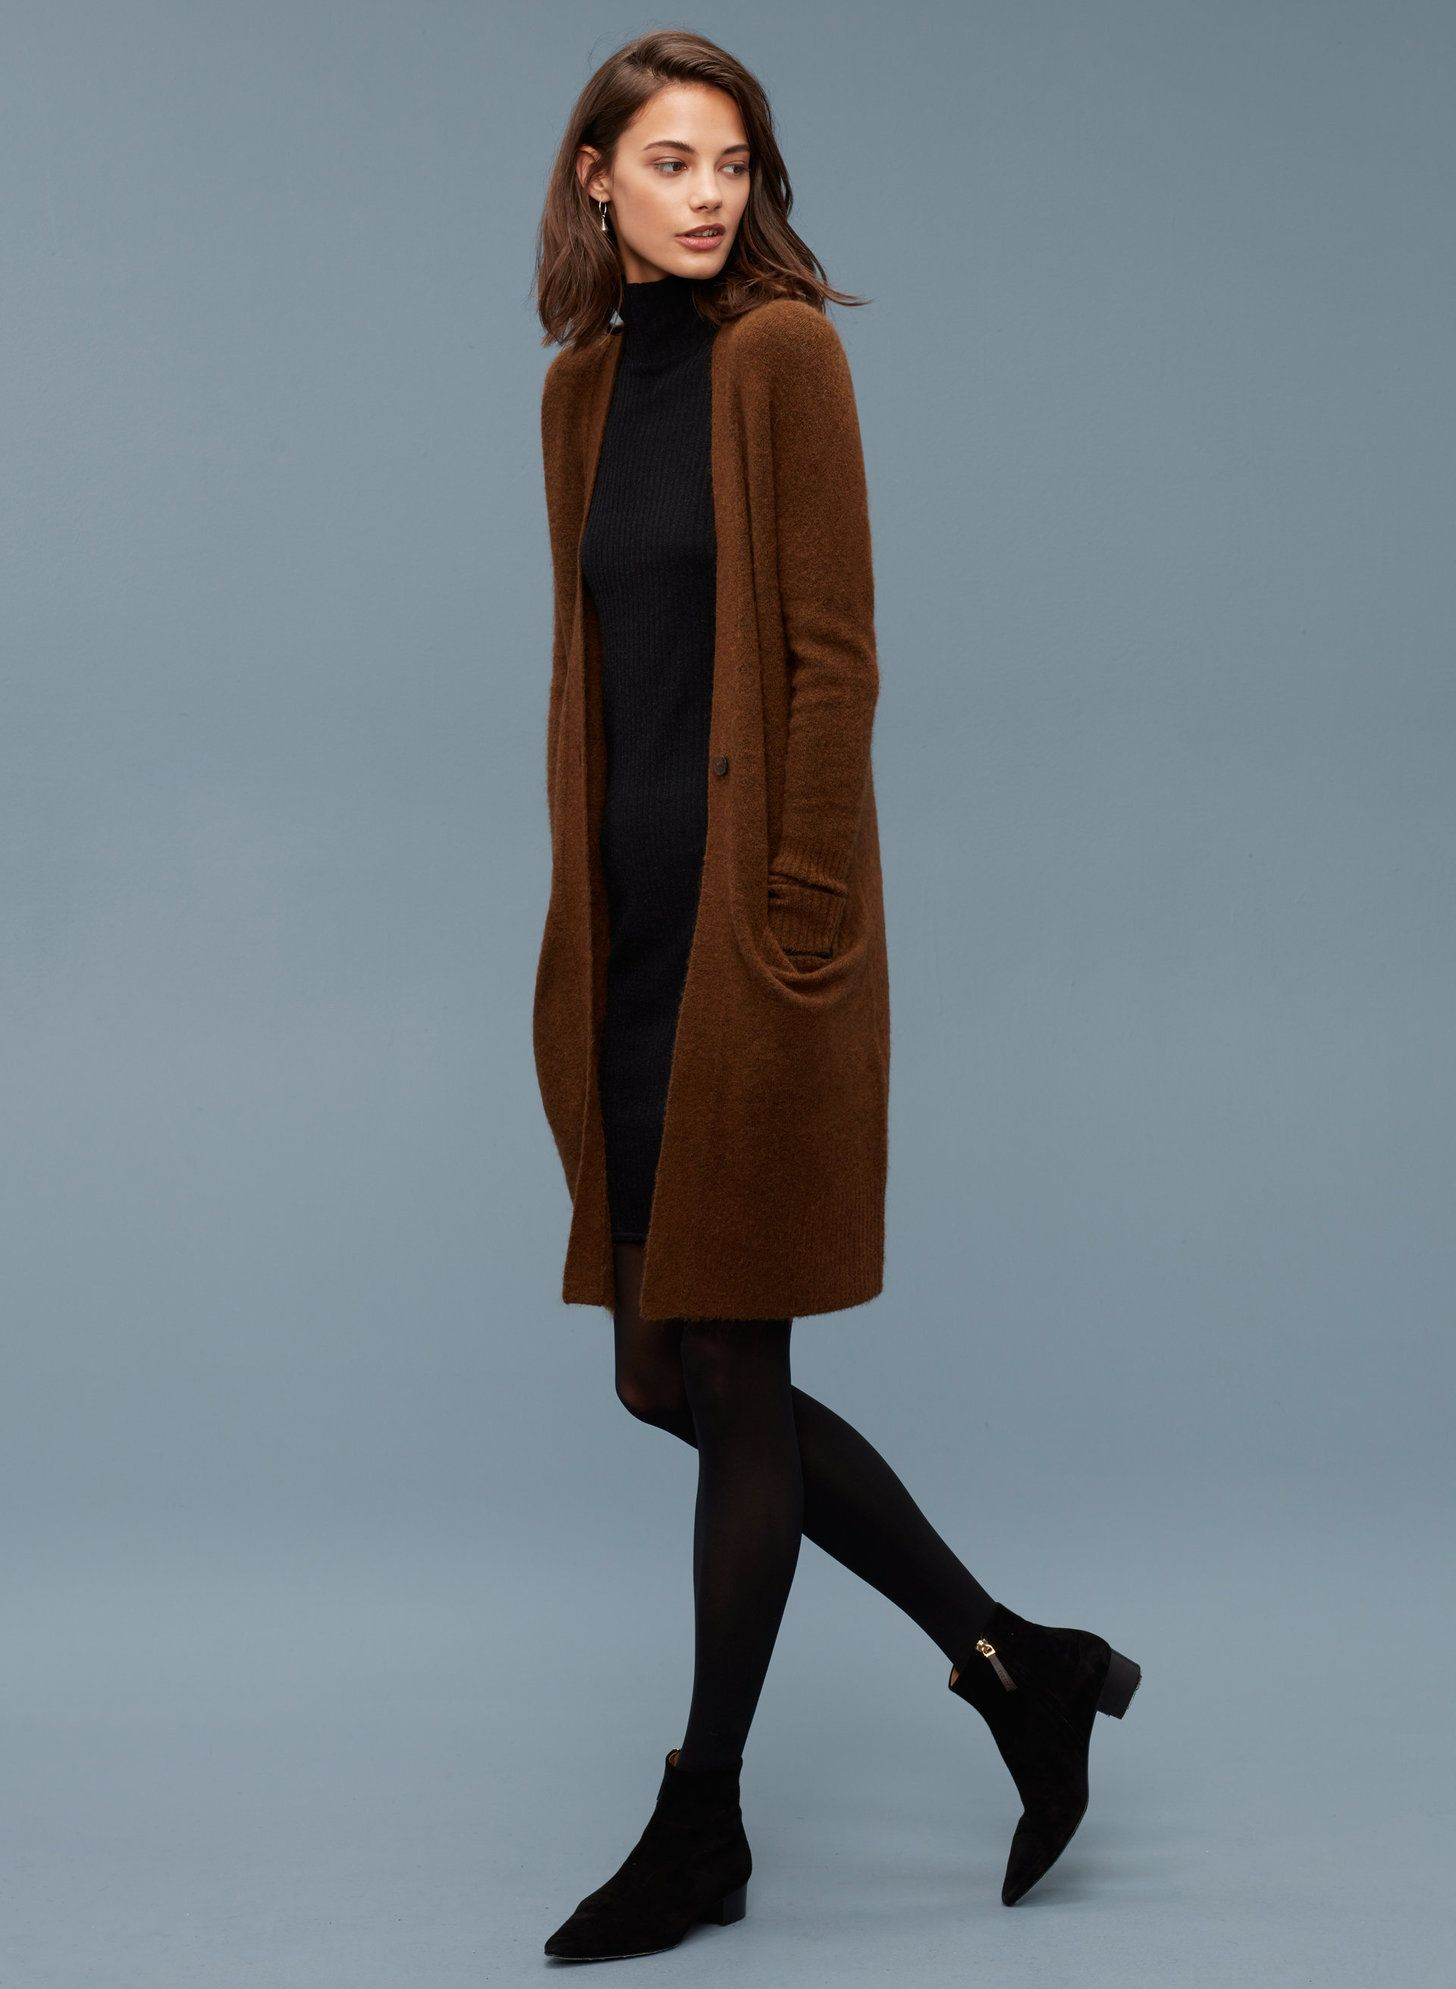 Feminine Streetwear F/W #winteroutfitsforwork